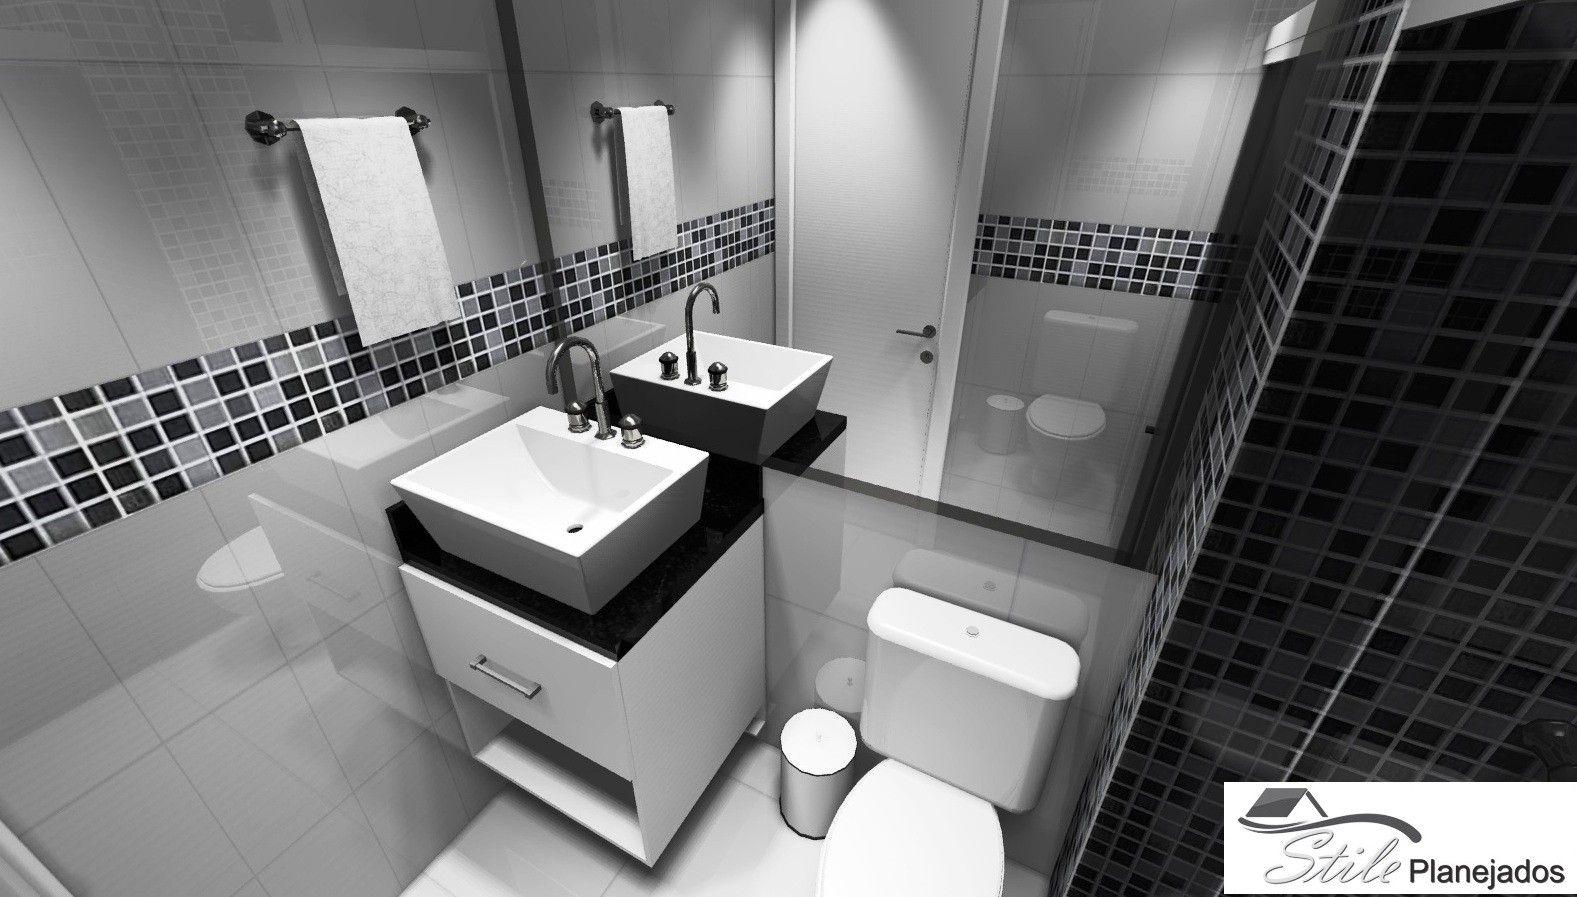 Quanto Custa Banheiro com Móveis sob Medida na Vila Nossa Senhora Aparecida - Fábrica de Banheiro Planejado